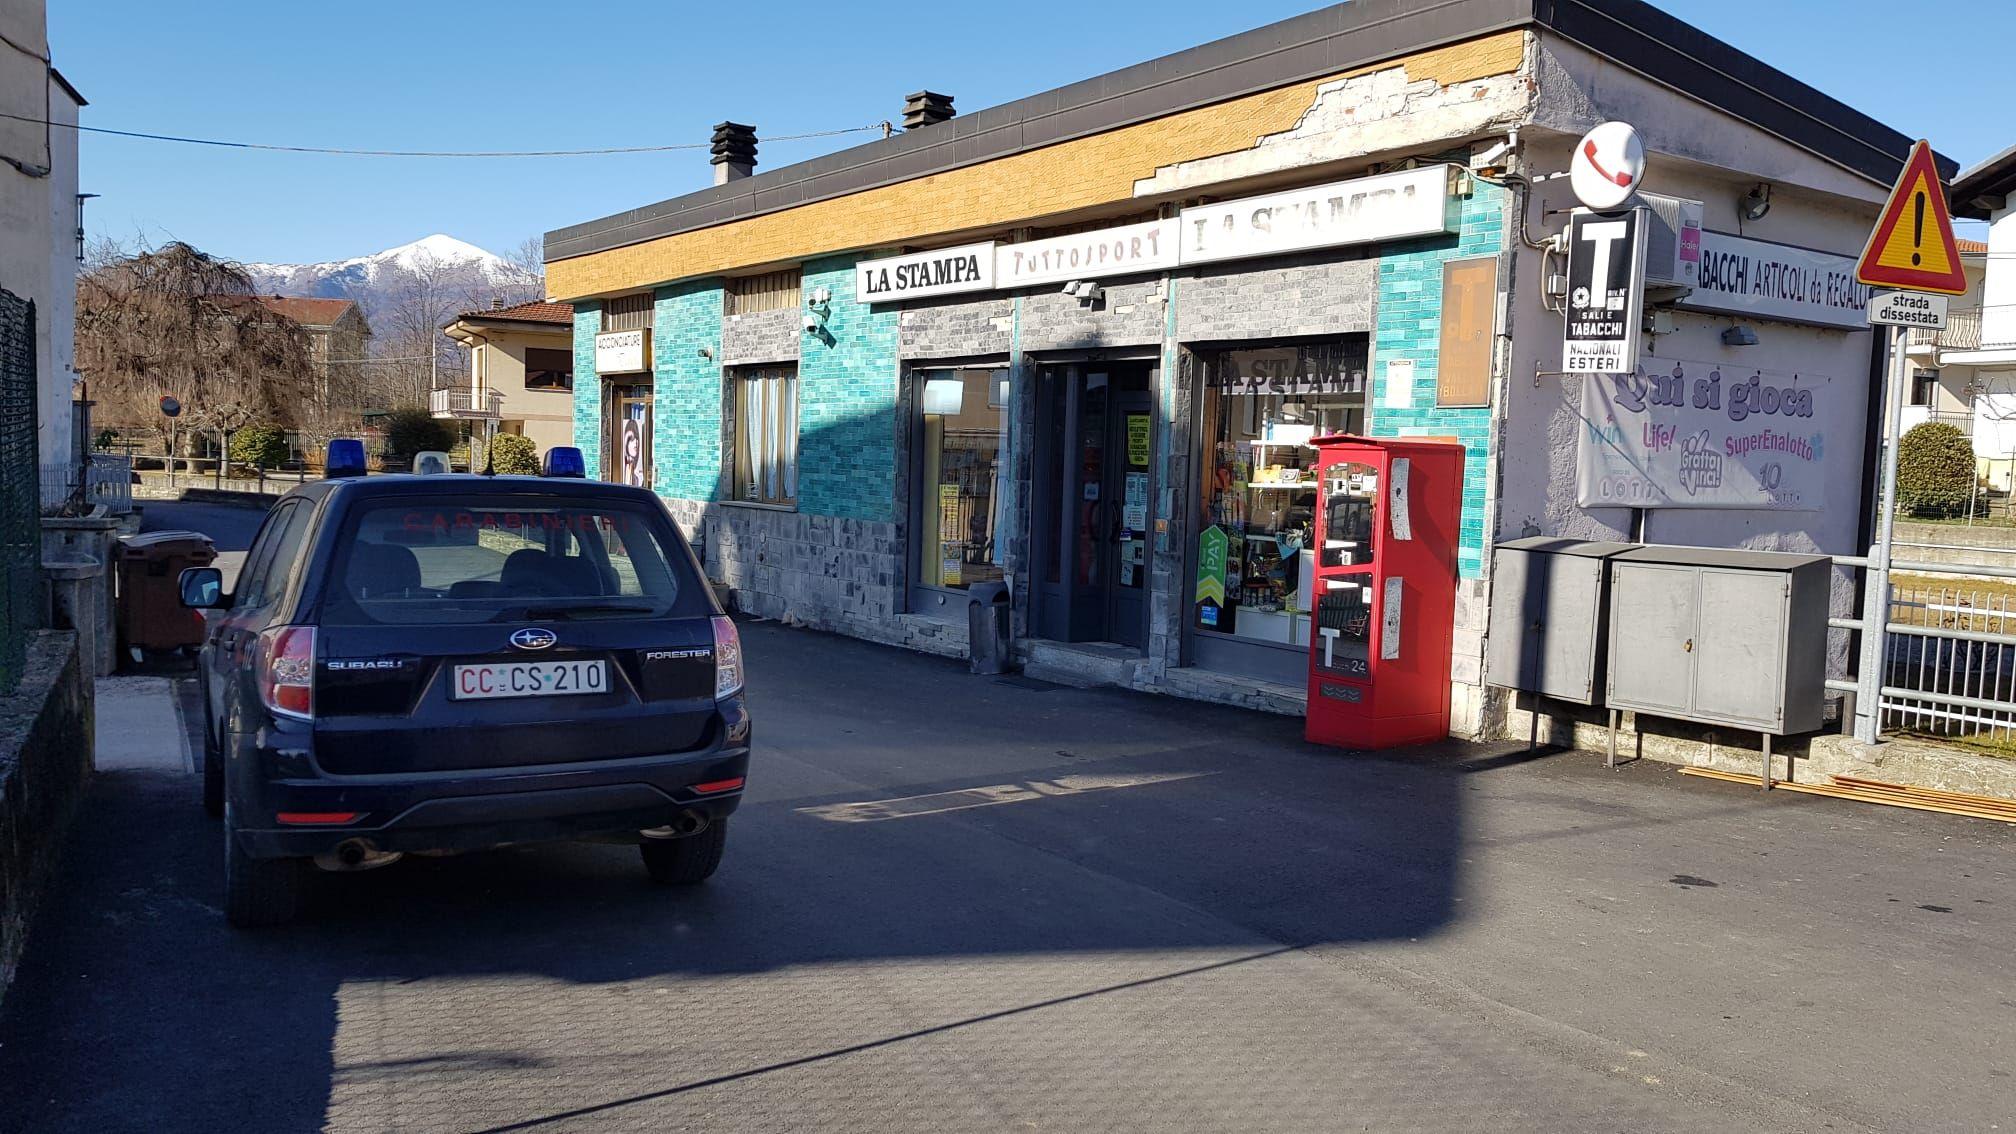 CASTELLAMONTE - Ladri in azione: tabaccheria nel mirino, rubate sigarette